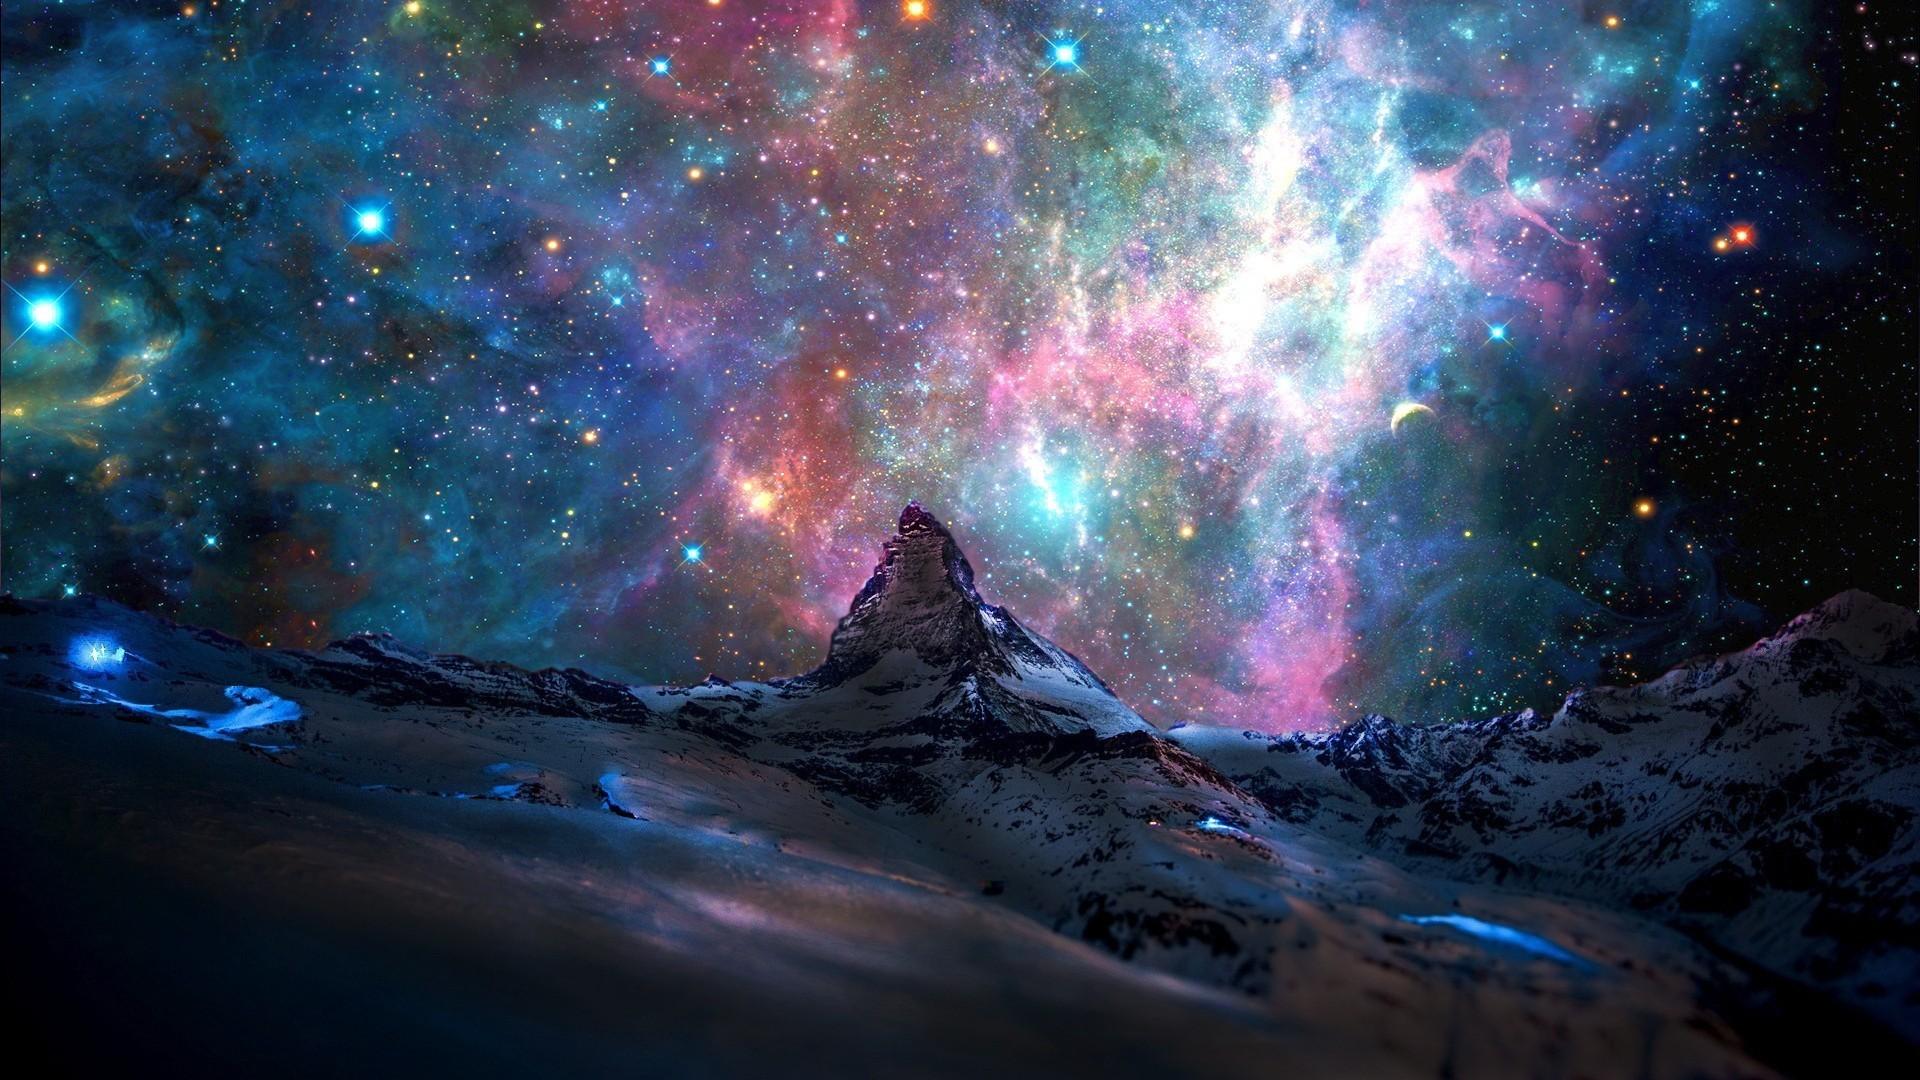 фото невероятный космос команда